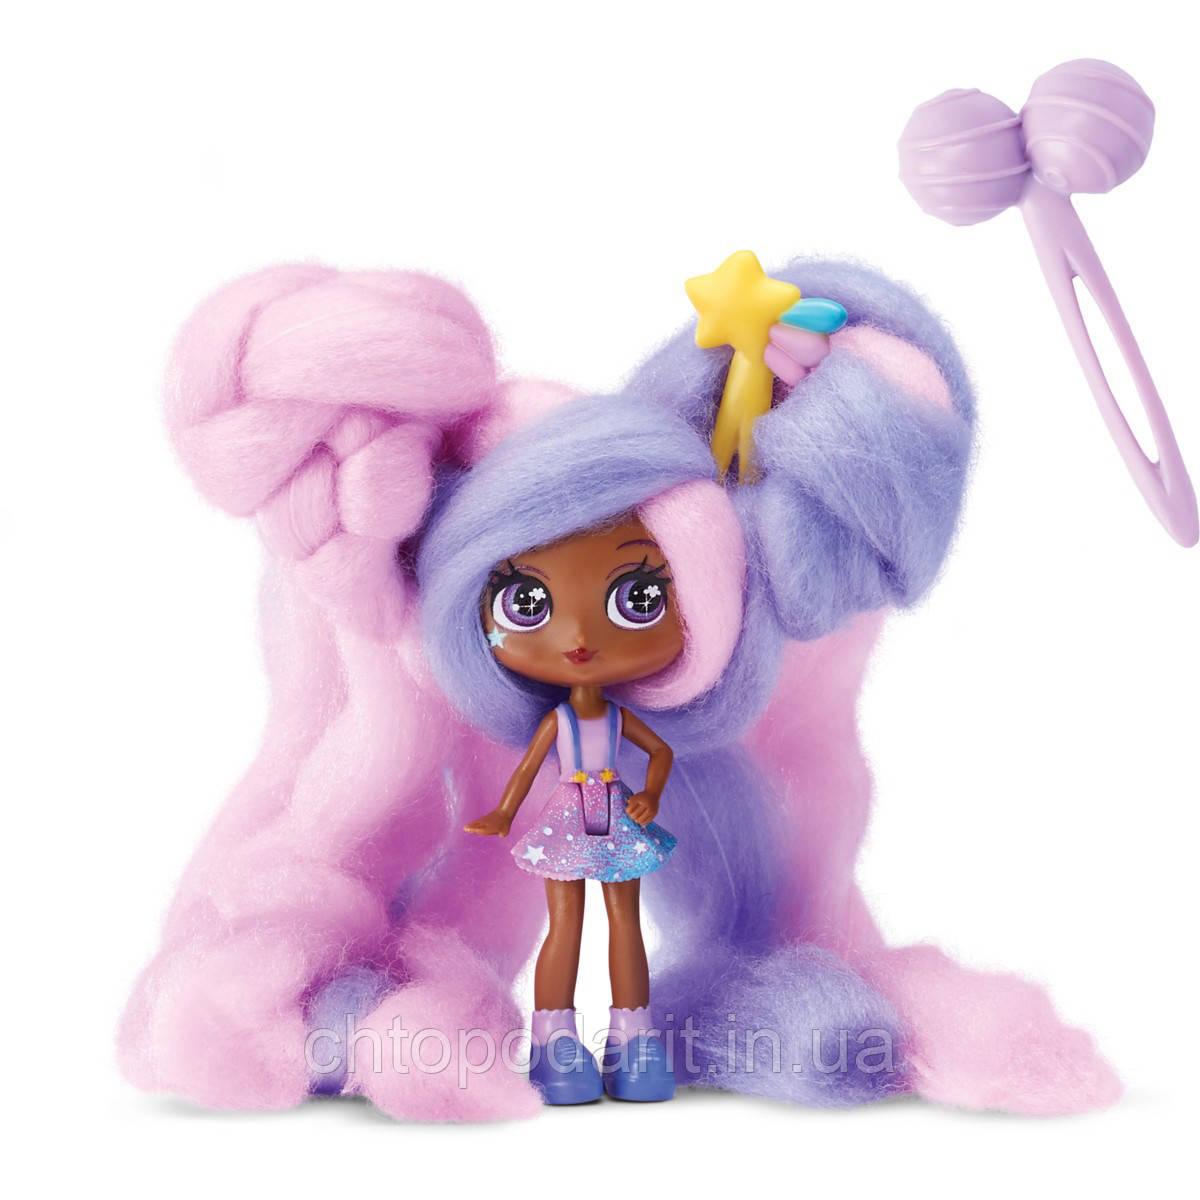 """Кукла """"Кендилукс сладкая вата"""" Candylocks с цветными волосами Код 12-2108"""